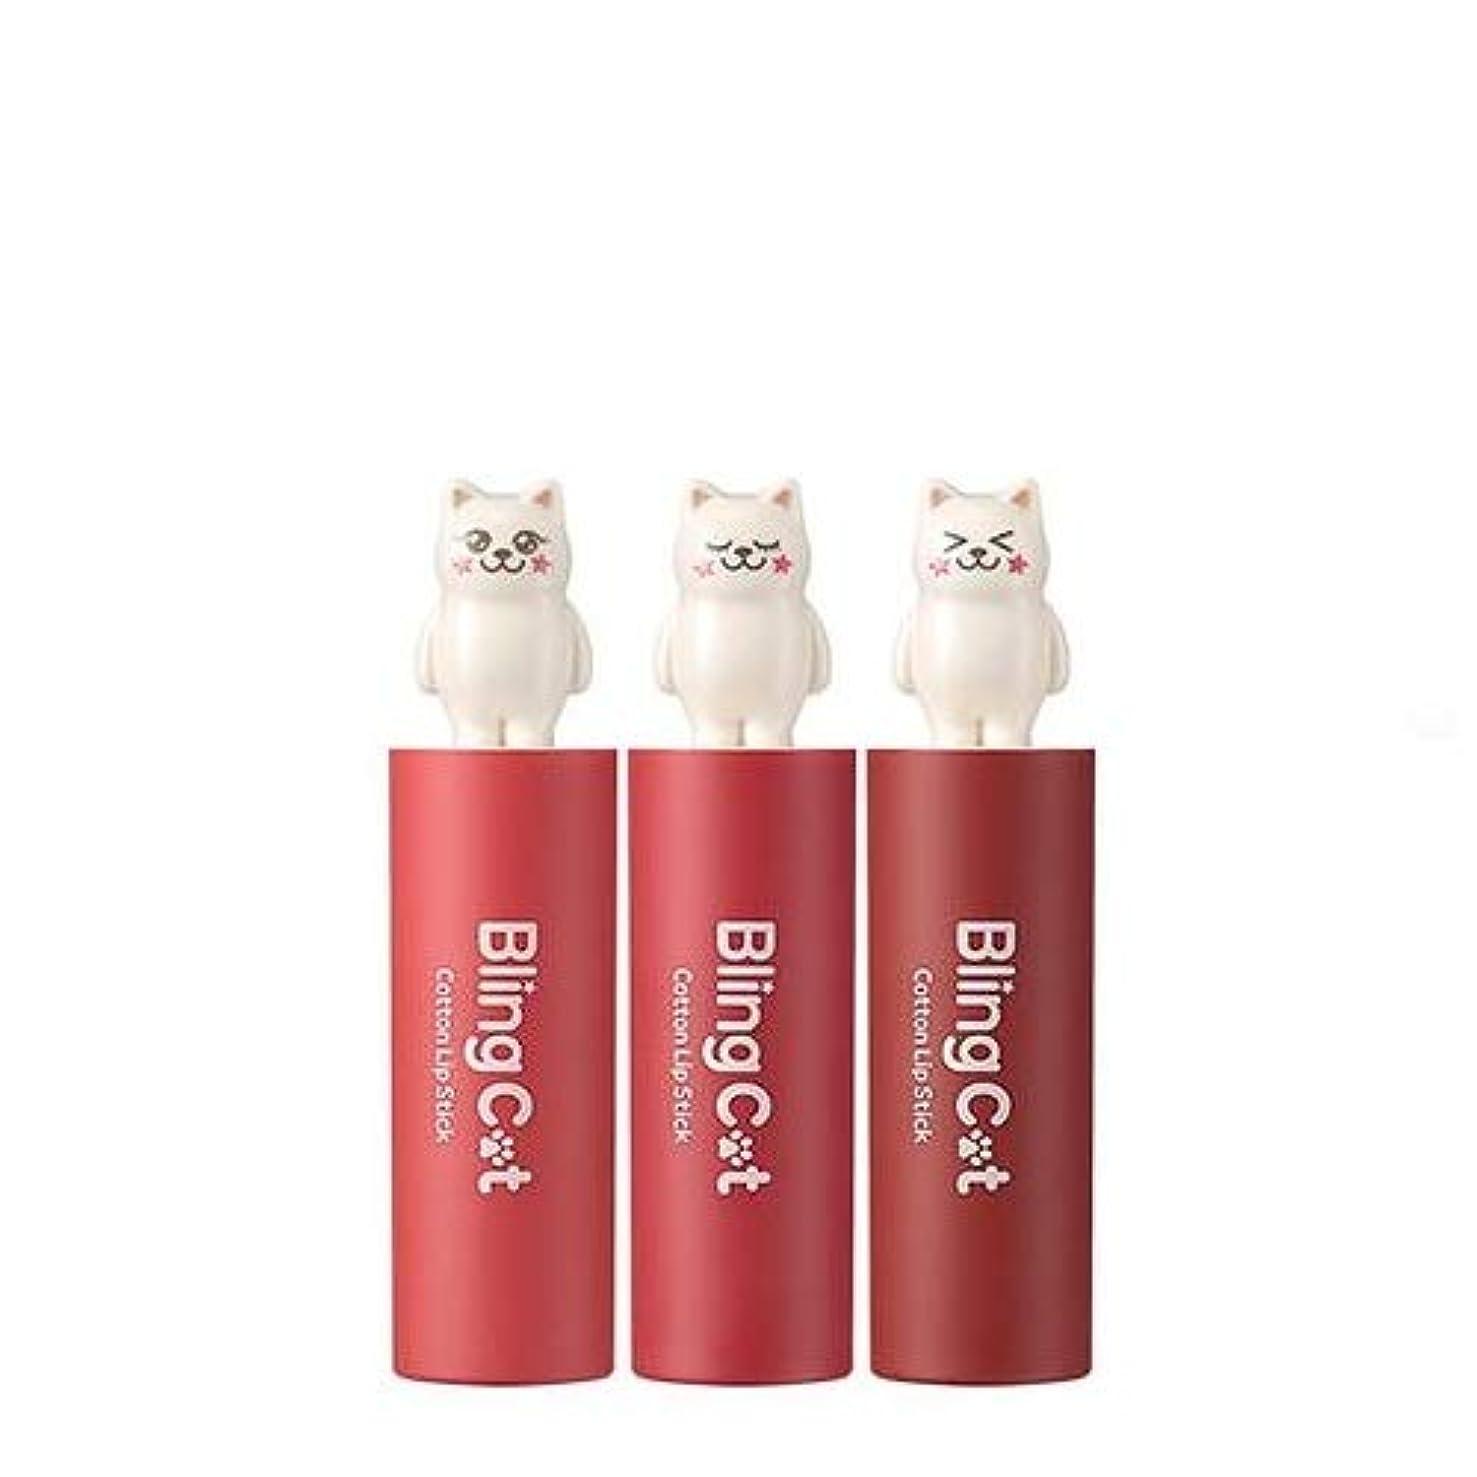 グレード膿瘍日トニーモリー ブリングキャット コットン リップスティック 3.4g / TONYMOLY Bling Cat Cotton Lipstick # 05. Orange Drop [並行輸入品]